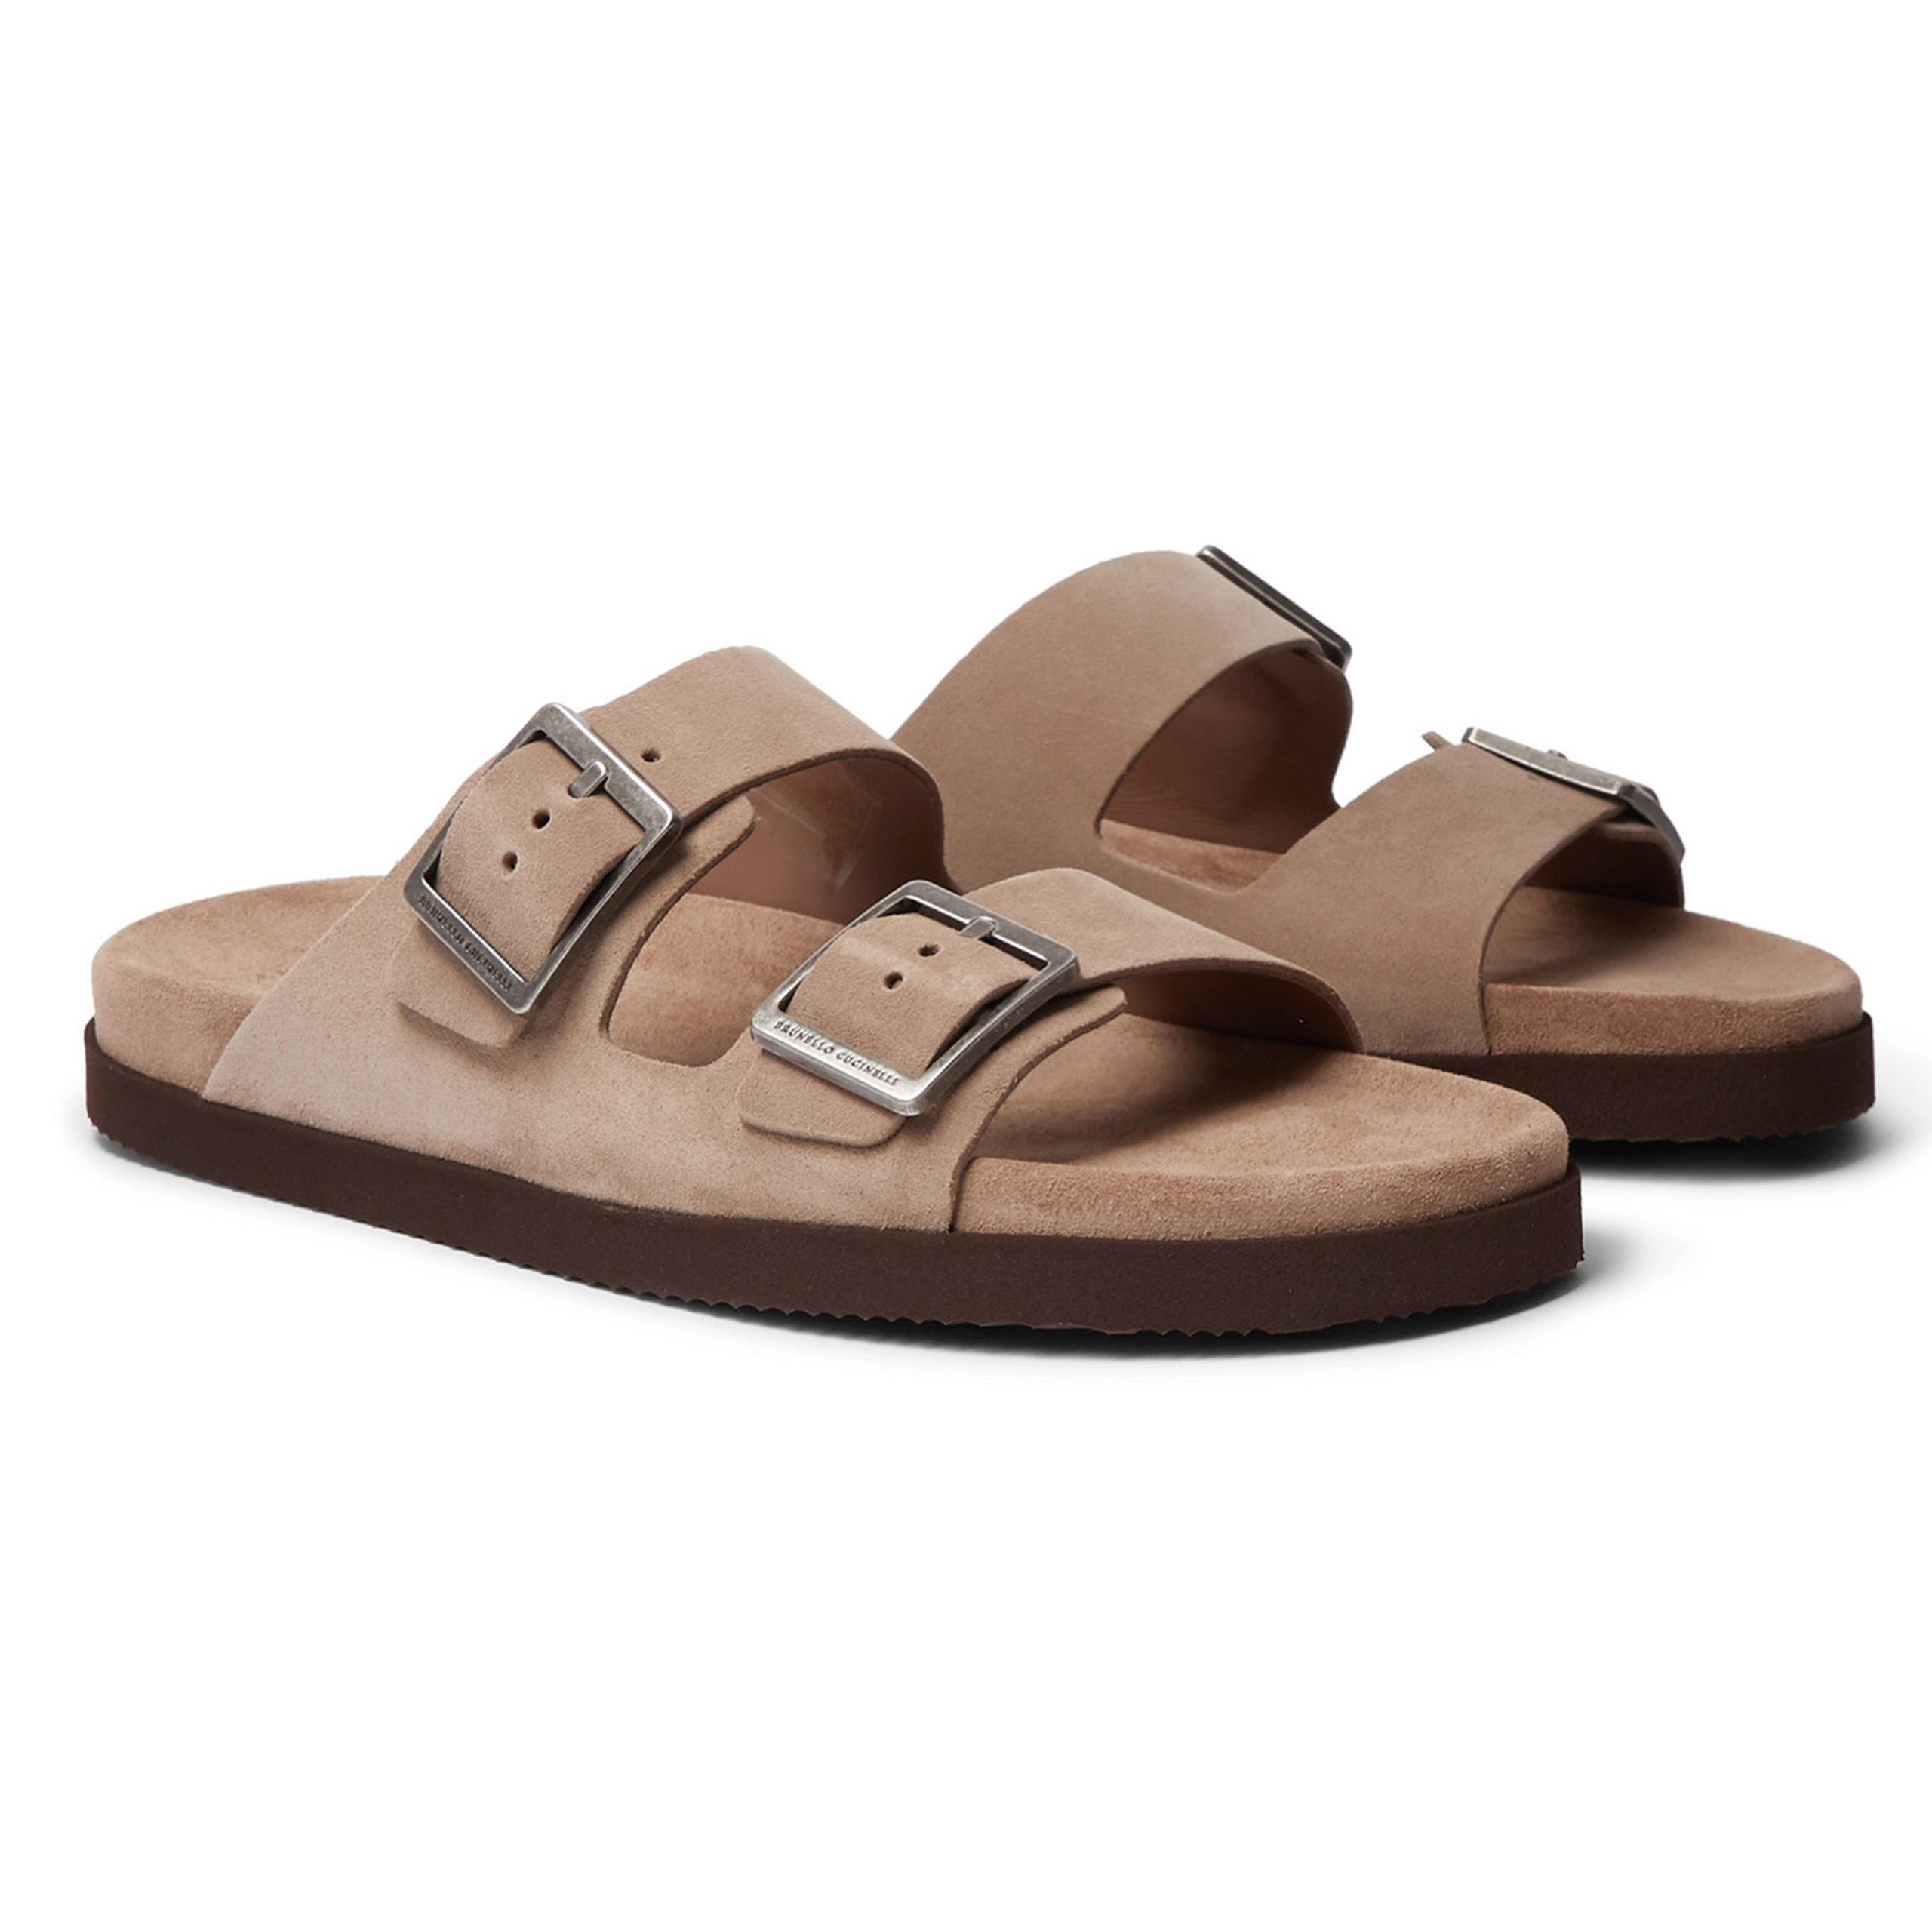 Brunello Cucinelli Suede Sandals